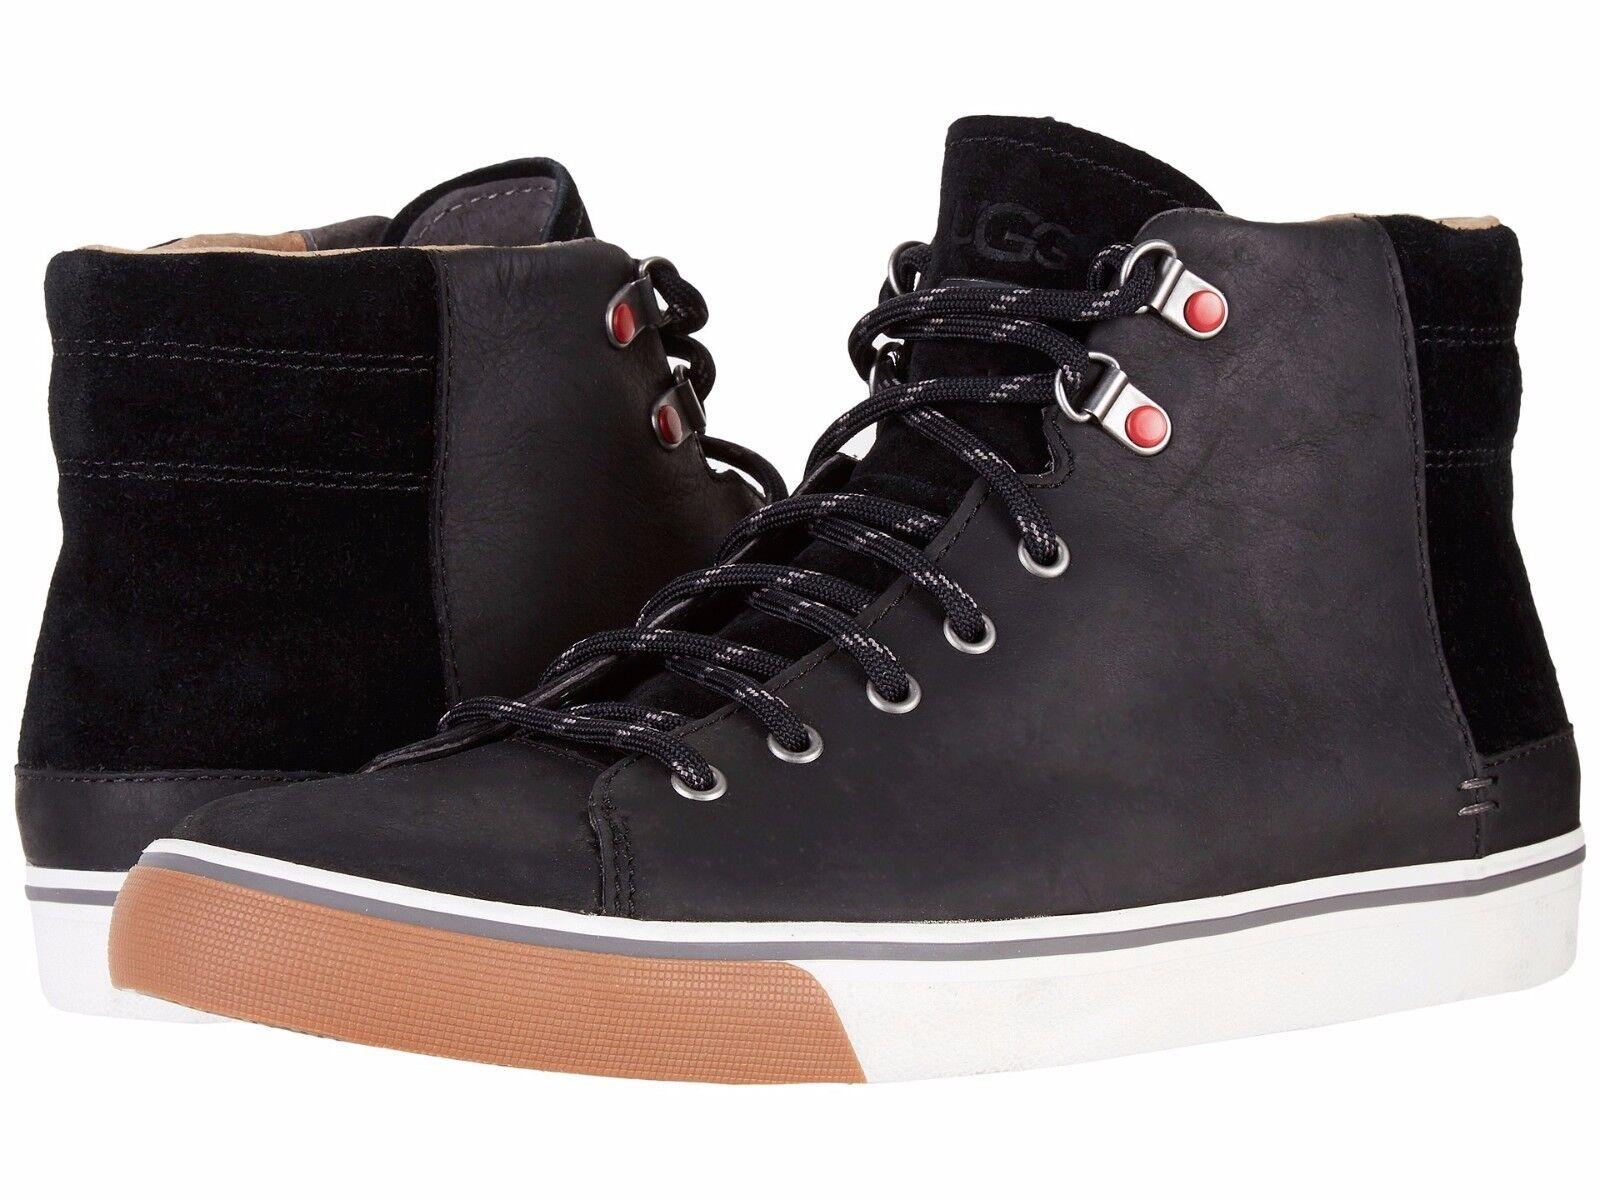 UGG pour hommes Hoyt en cuir imperméable, chaussures de mode décontractées en daim, noir